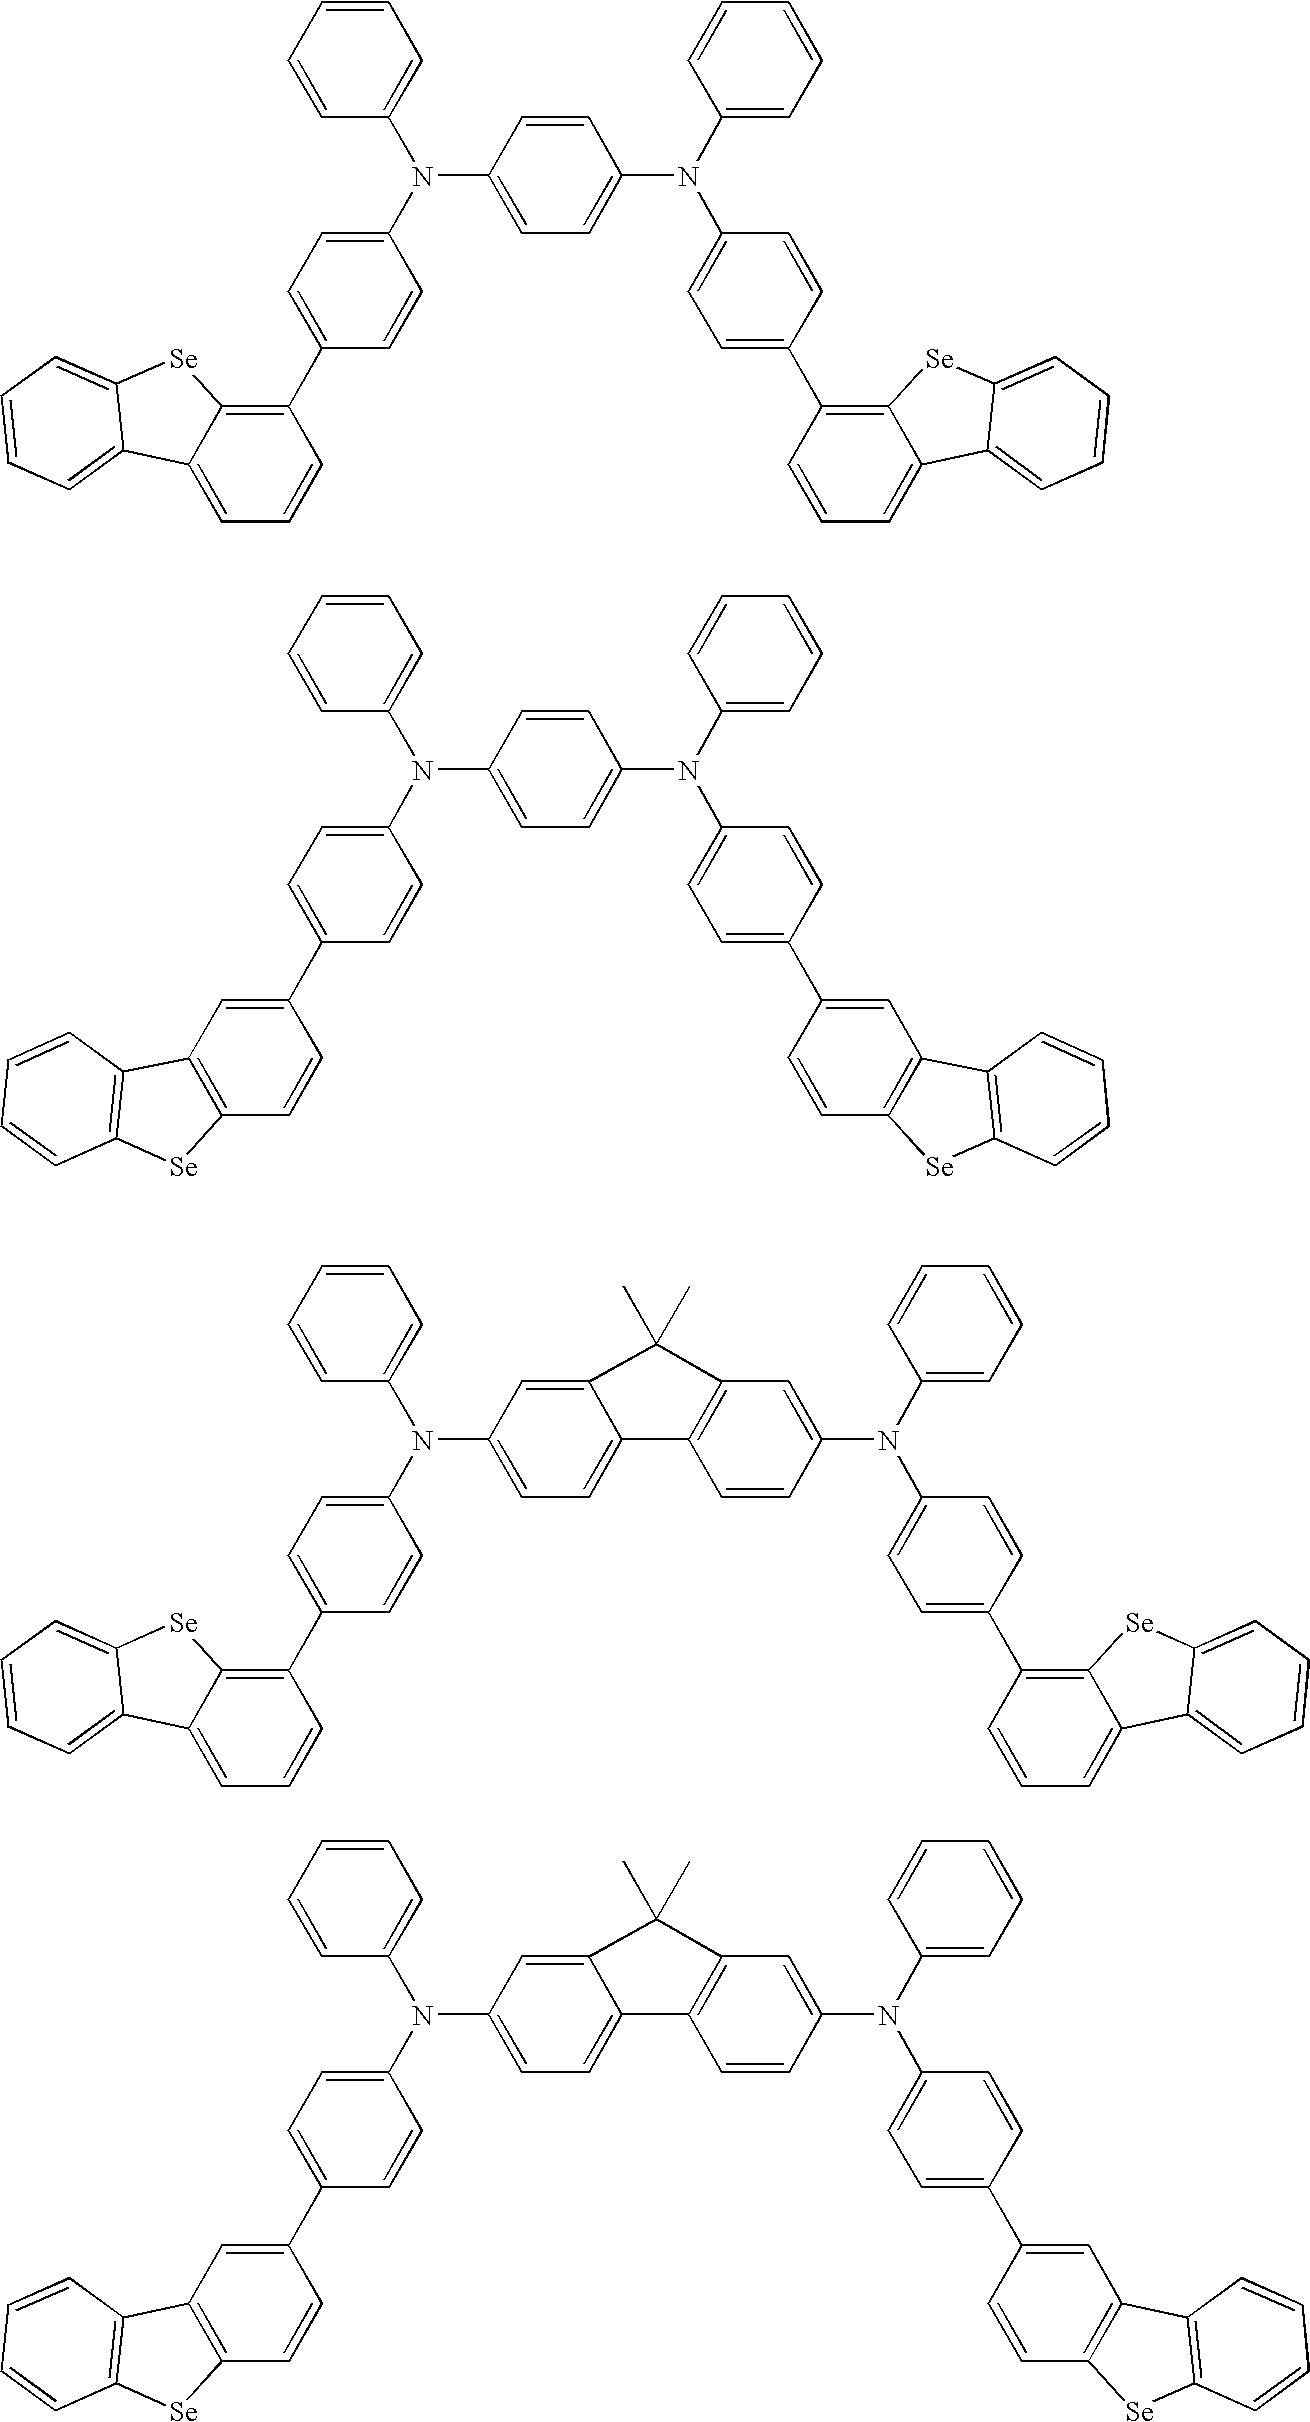 Figure US20100072887A1-20100325-C00241